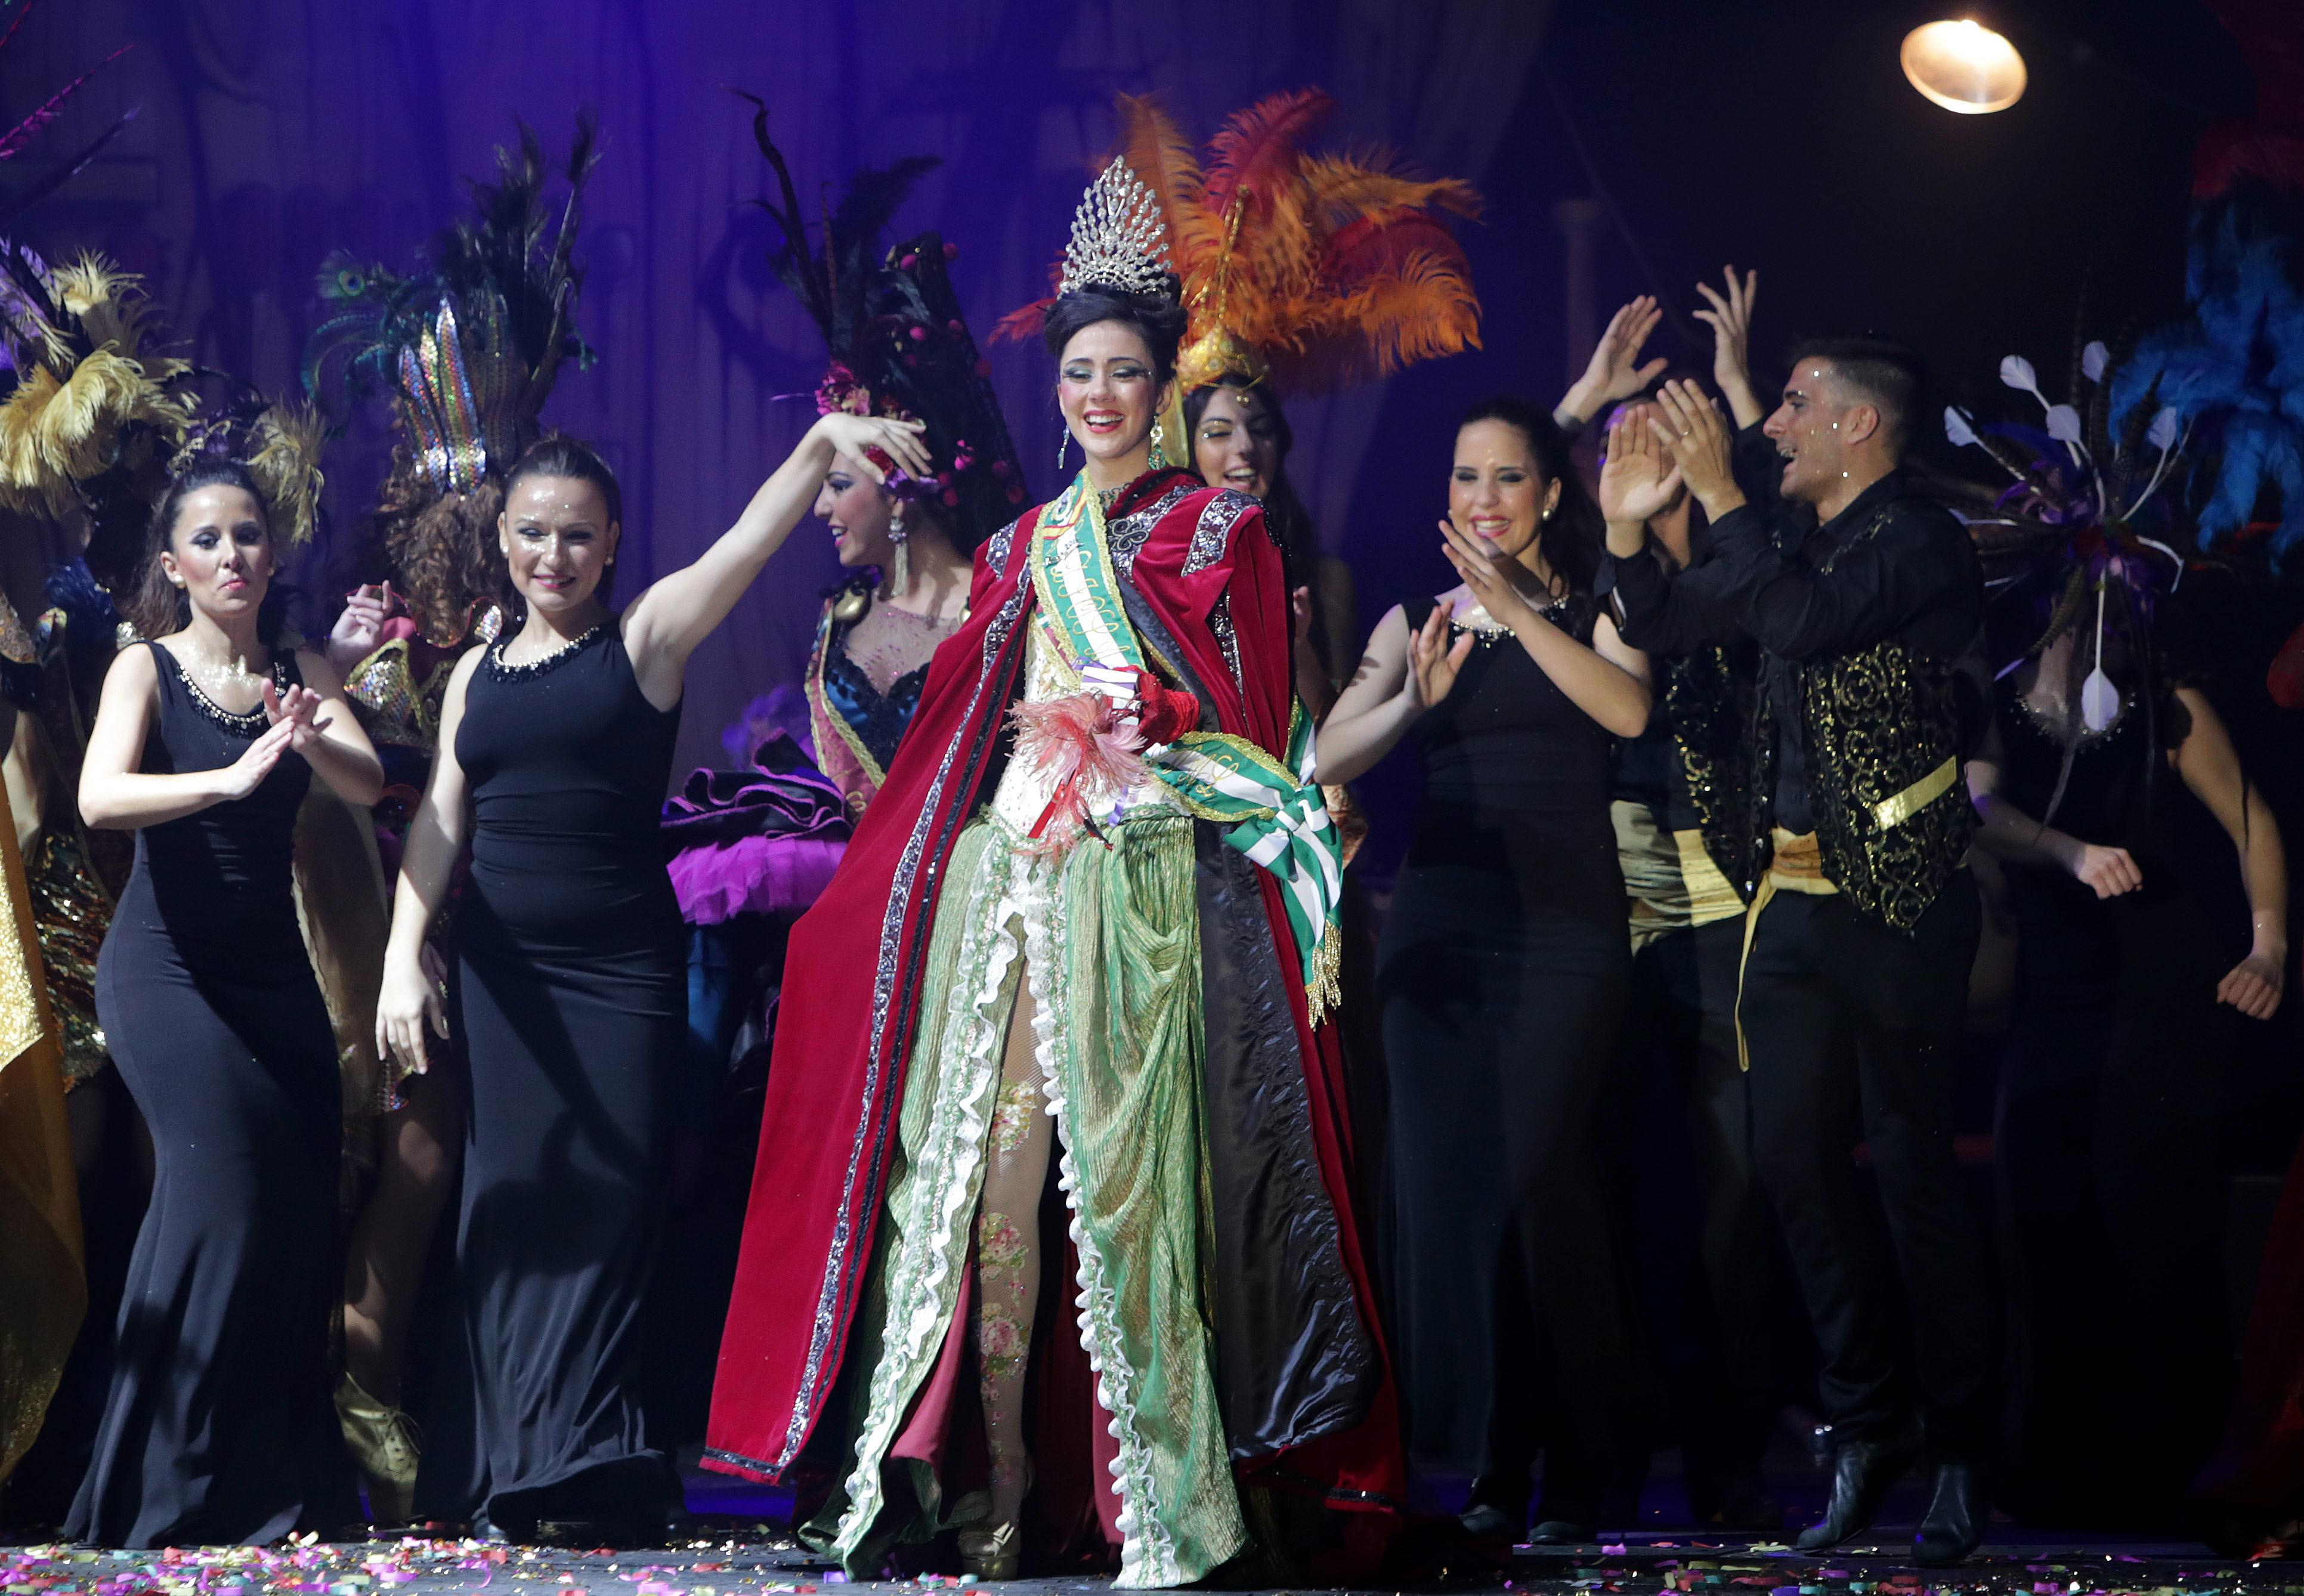 El socio de gobierno de José María González no quiere Dios del Carnaval